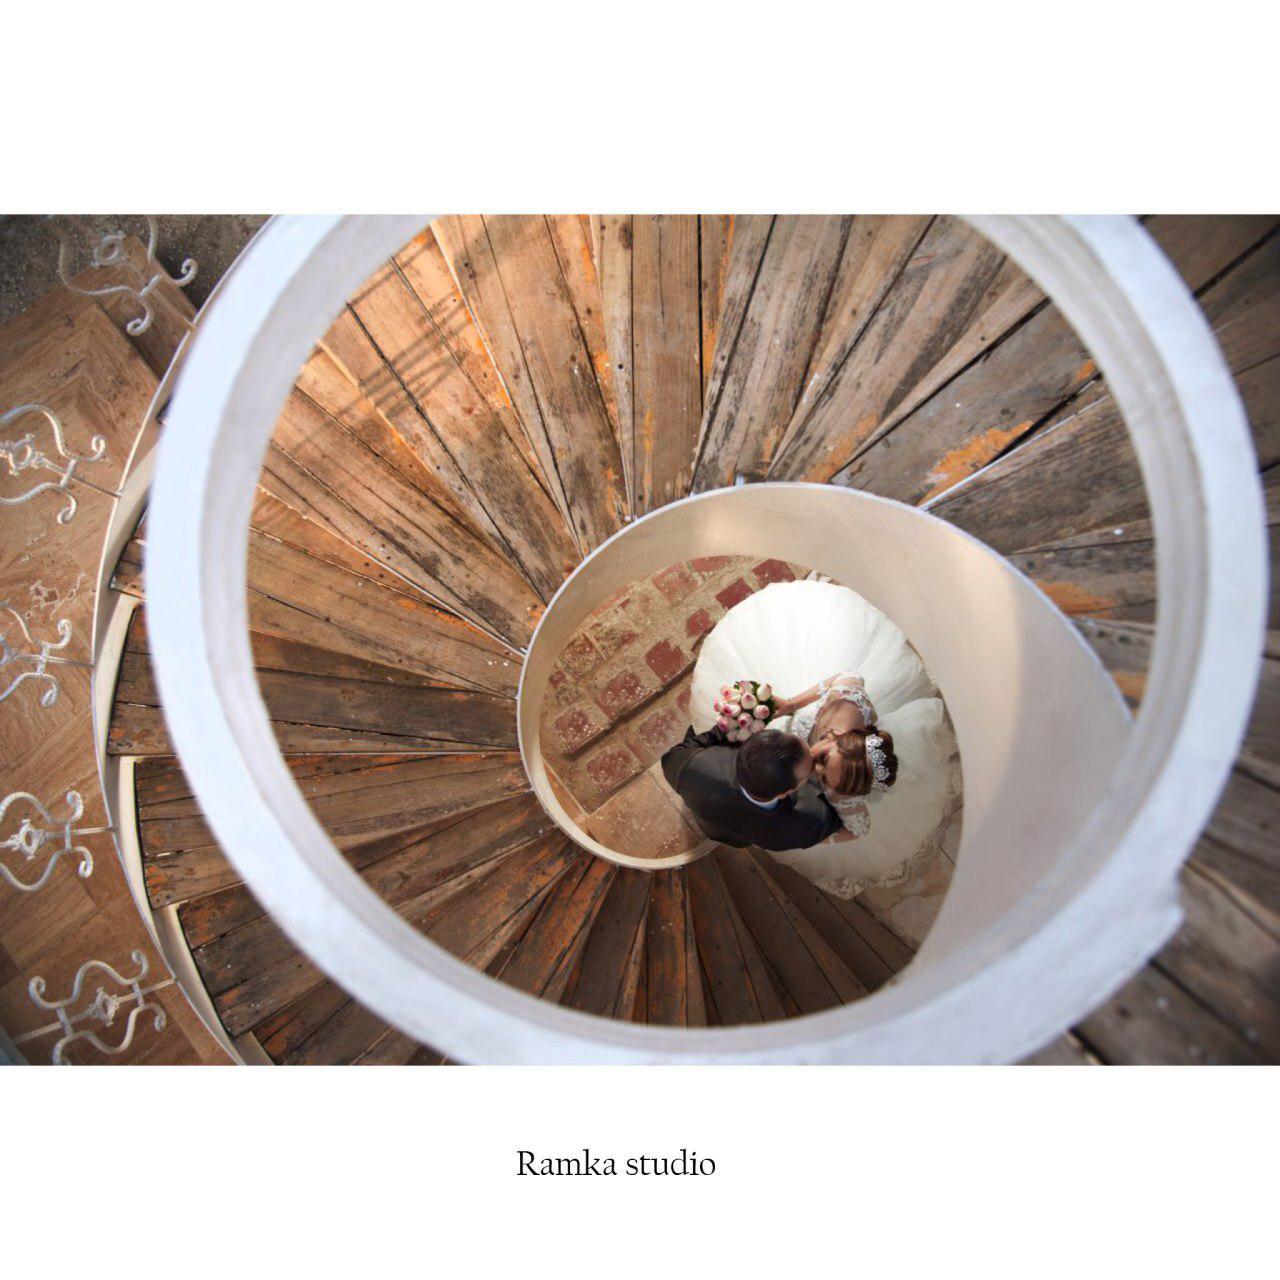 آتلیه عکس و فیلم رامکا | عروس داماد